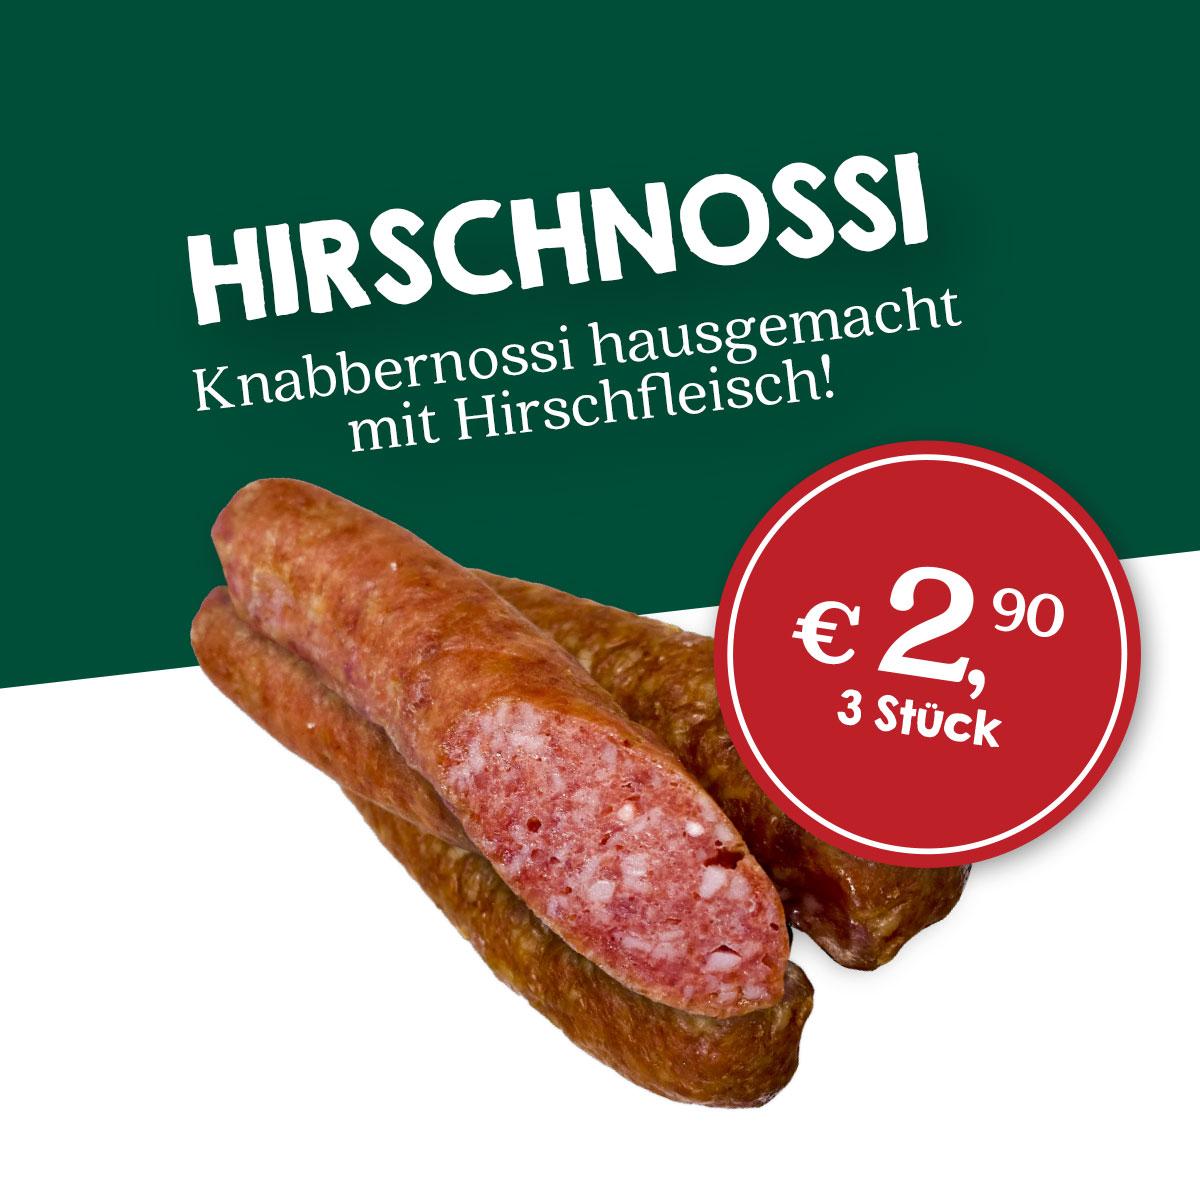 hirschnossi